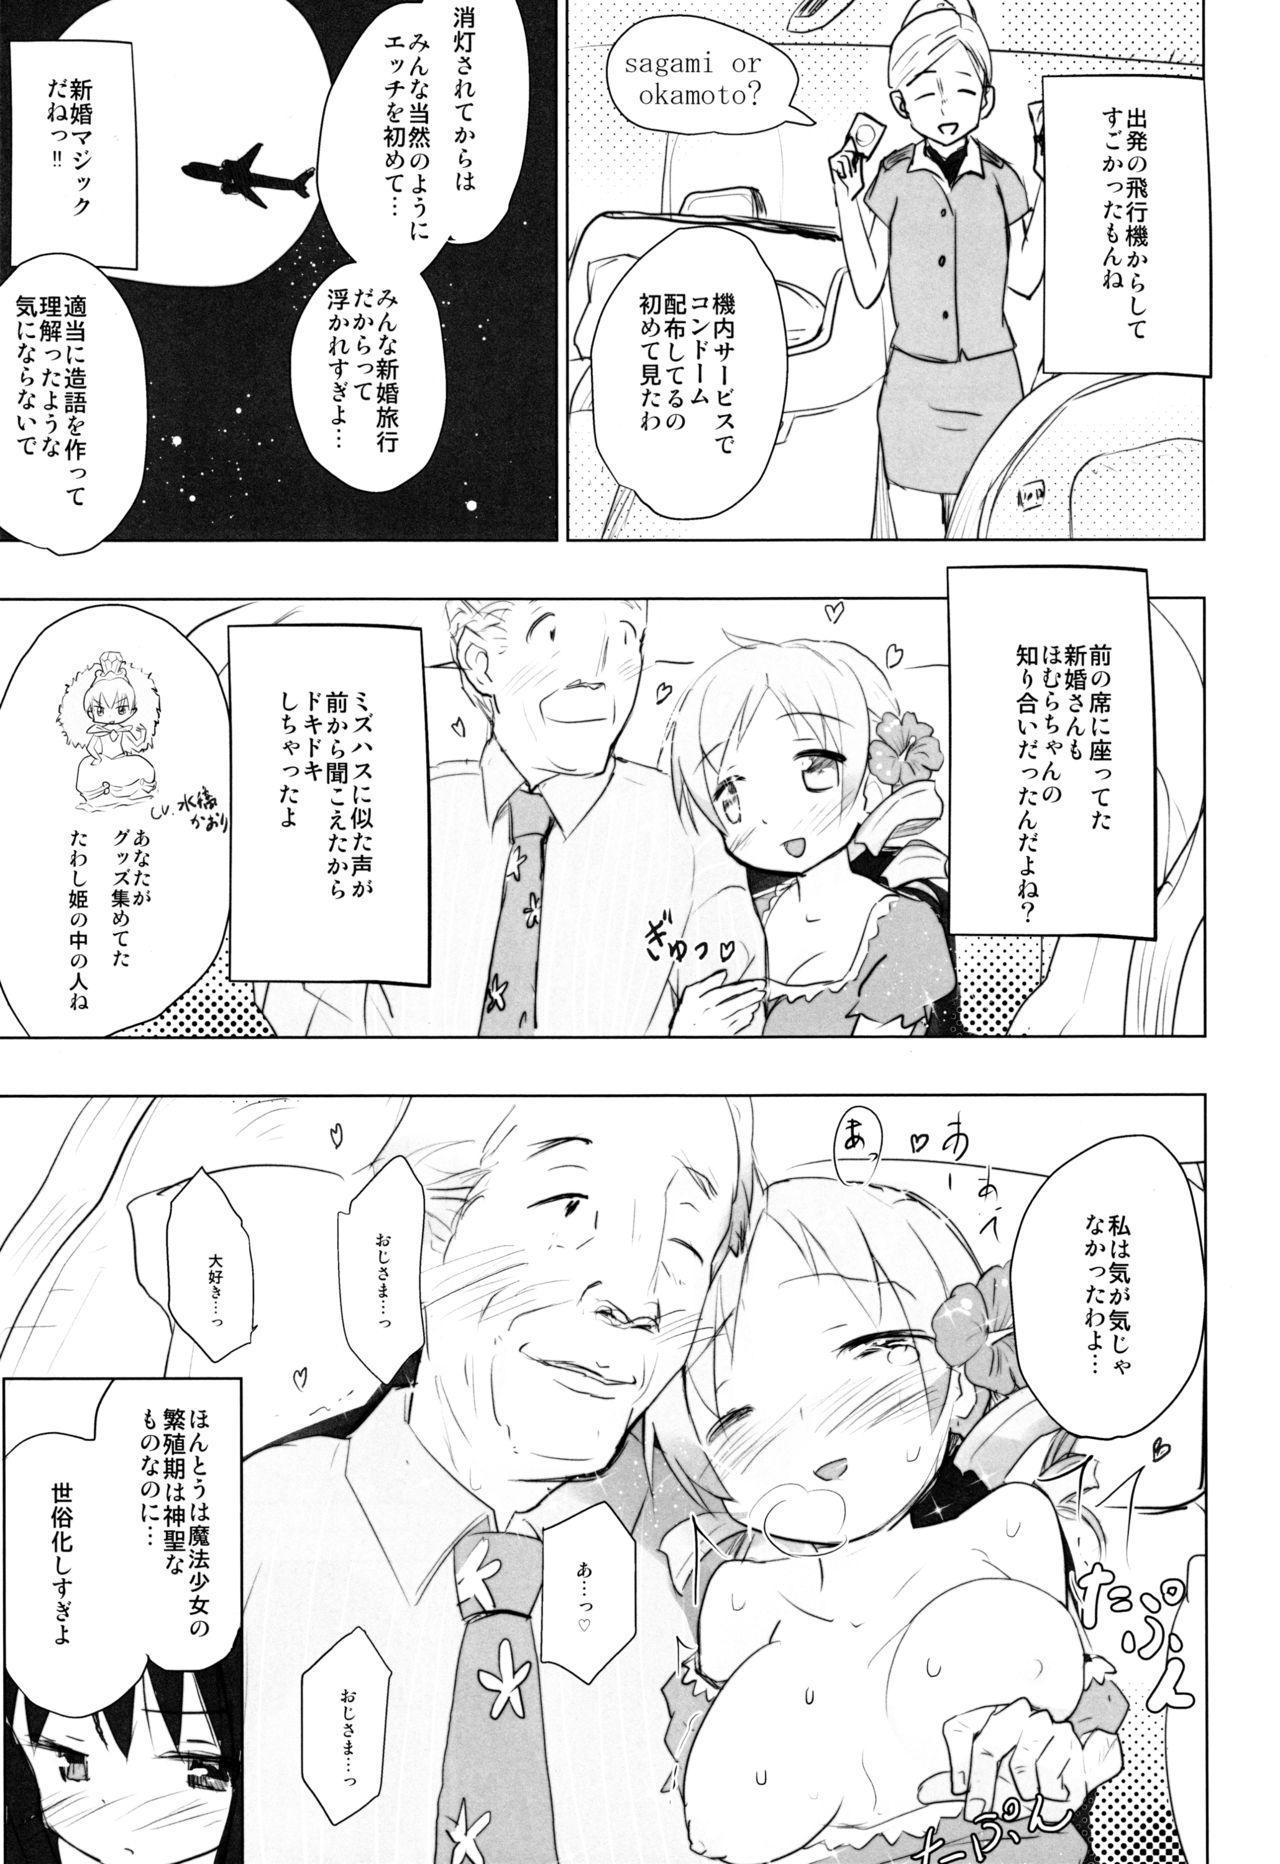 Anata no Koto ga Daisuki na Homura-chan to Iku Shuudan Roshutsu Shinkon Ryokou Hawaii!! 5